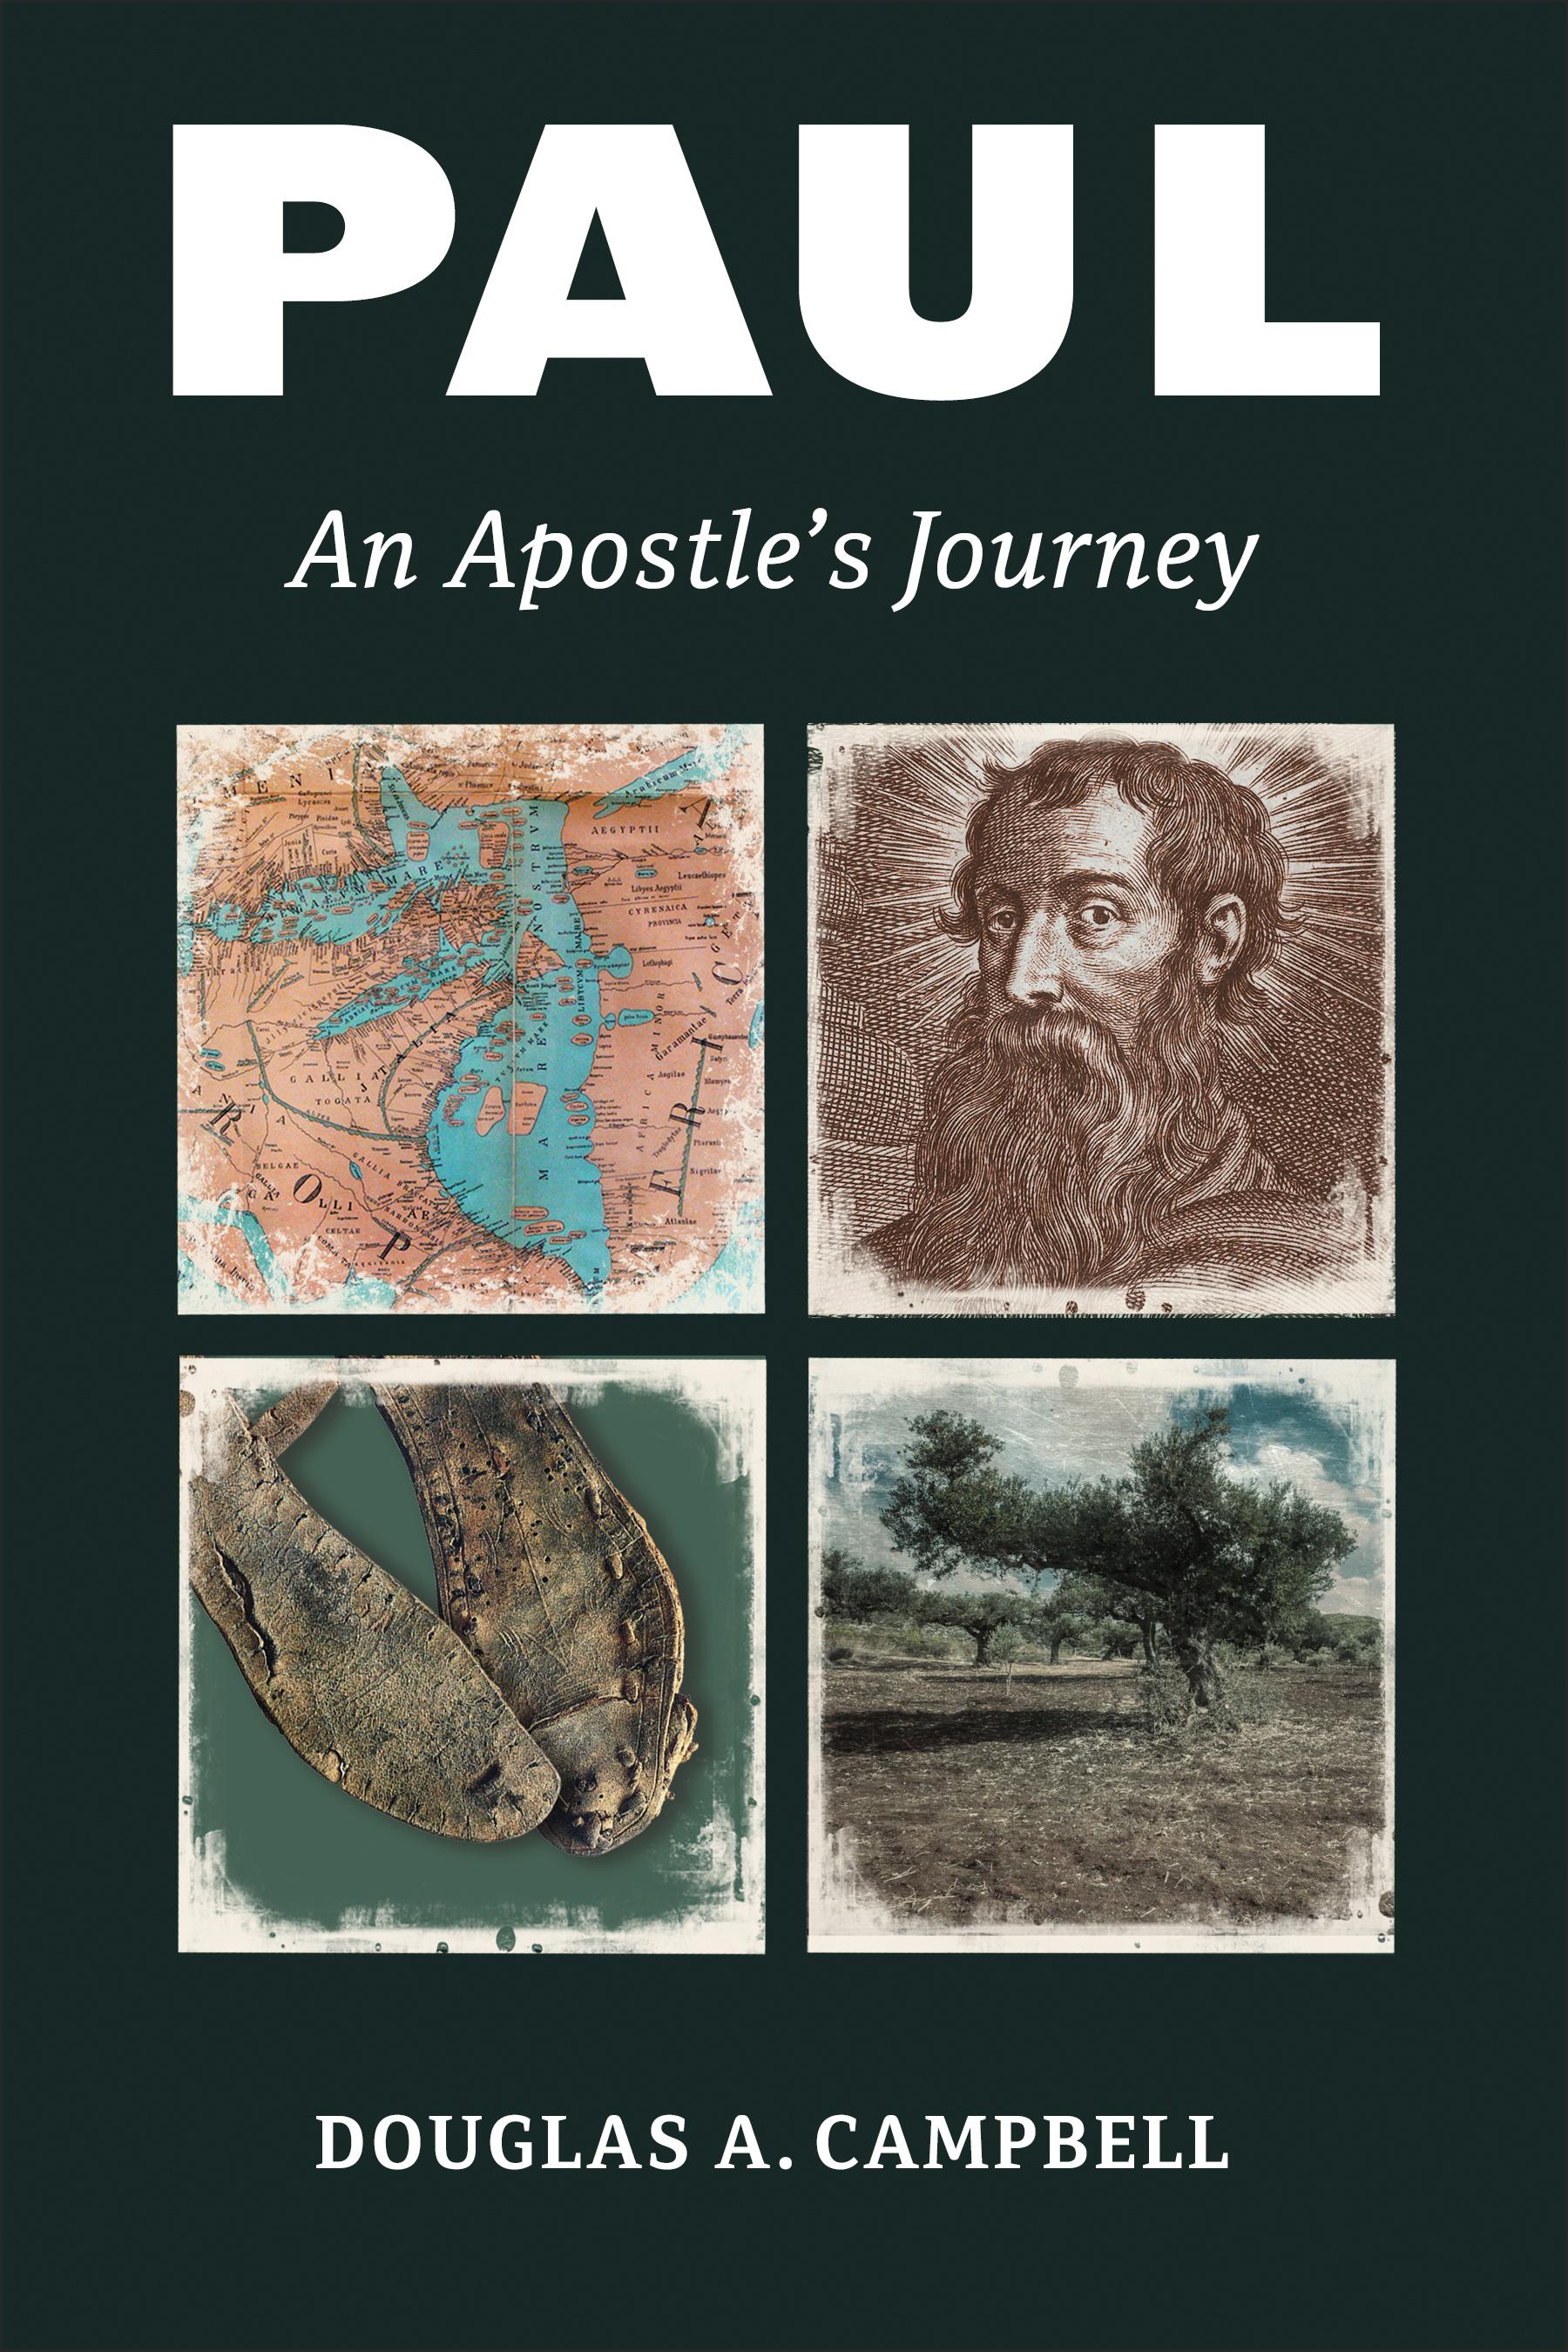 book preview  douglas campbell  paul  an apostle u2019s journey  eerdmans  2018